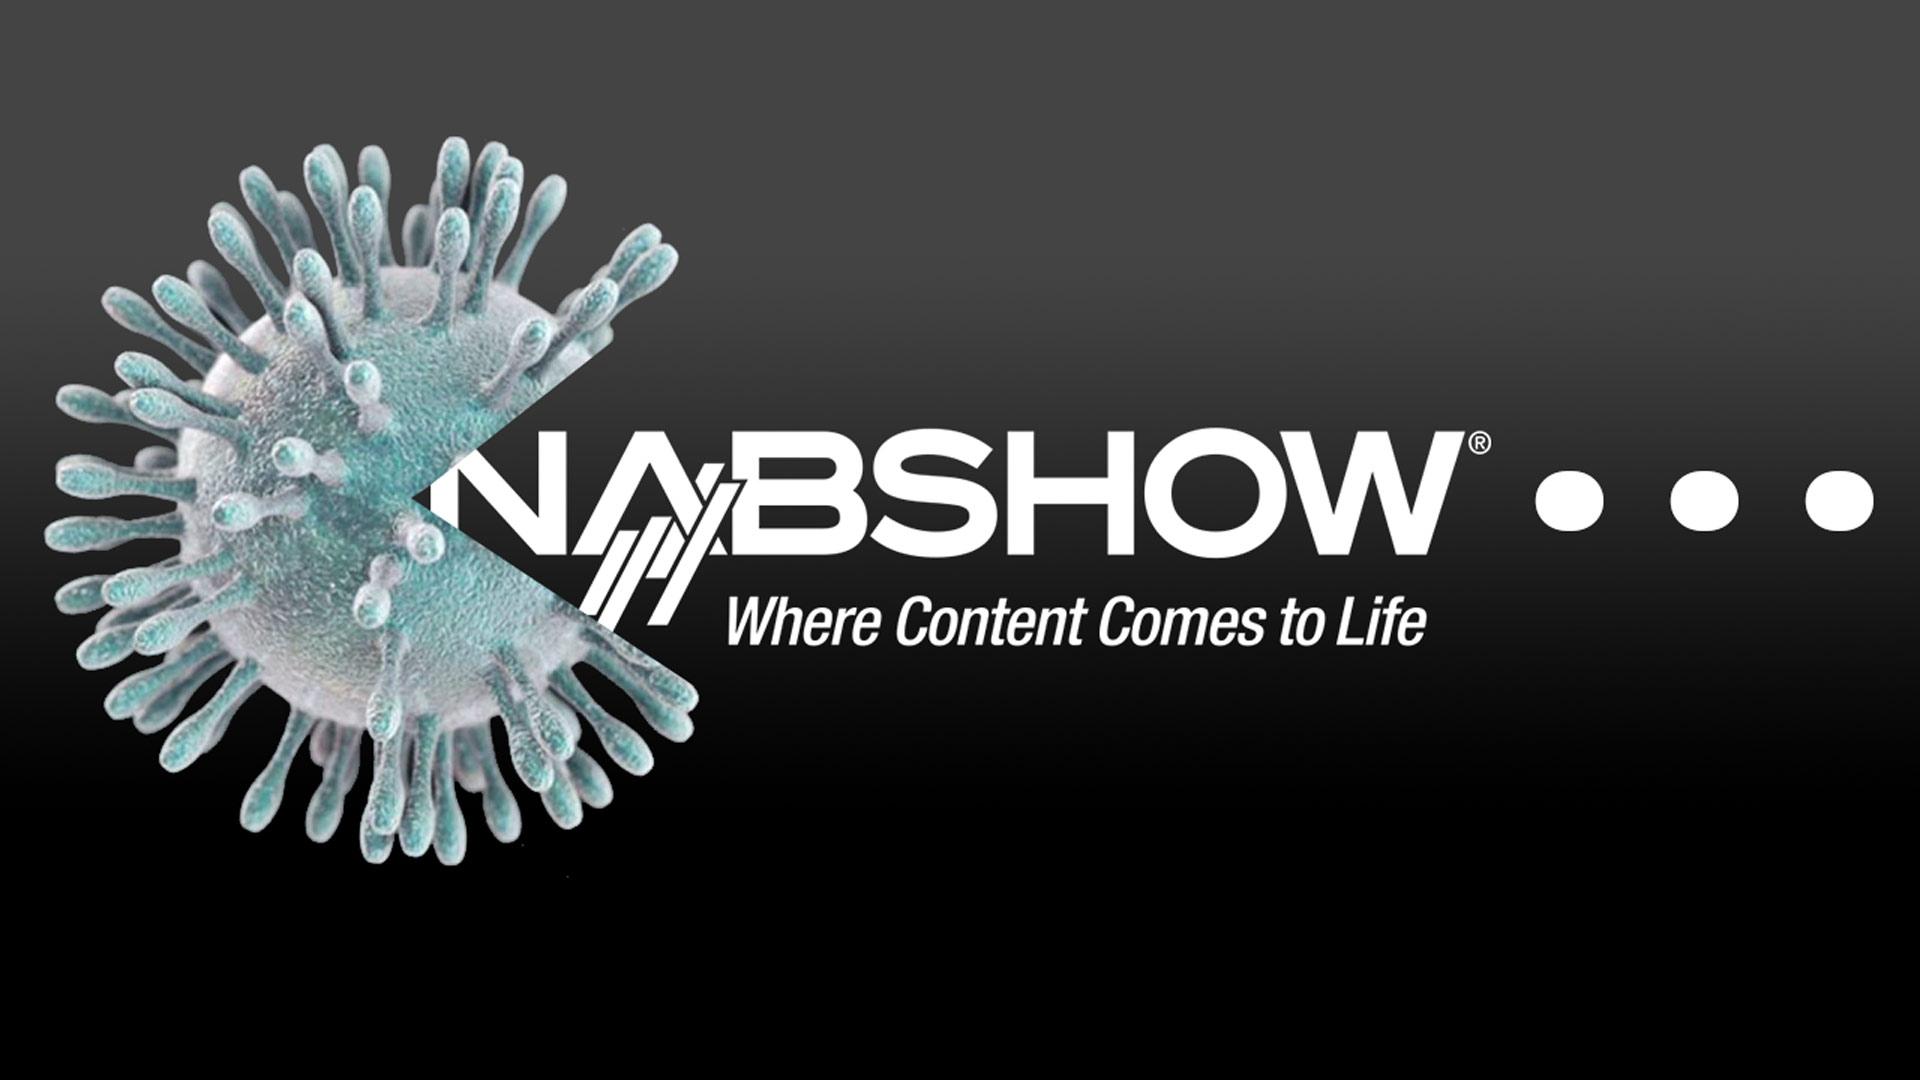 La NAB 2020 fue cancelada debido al coronavirus